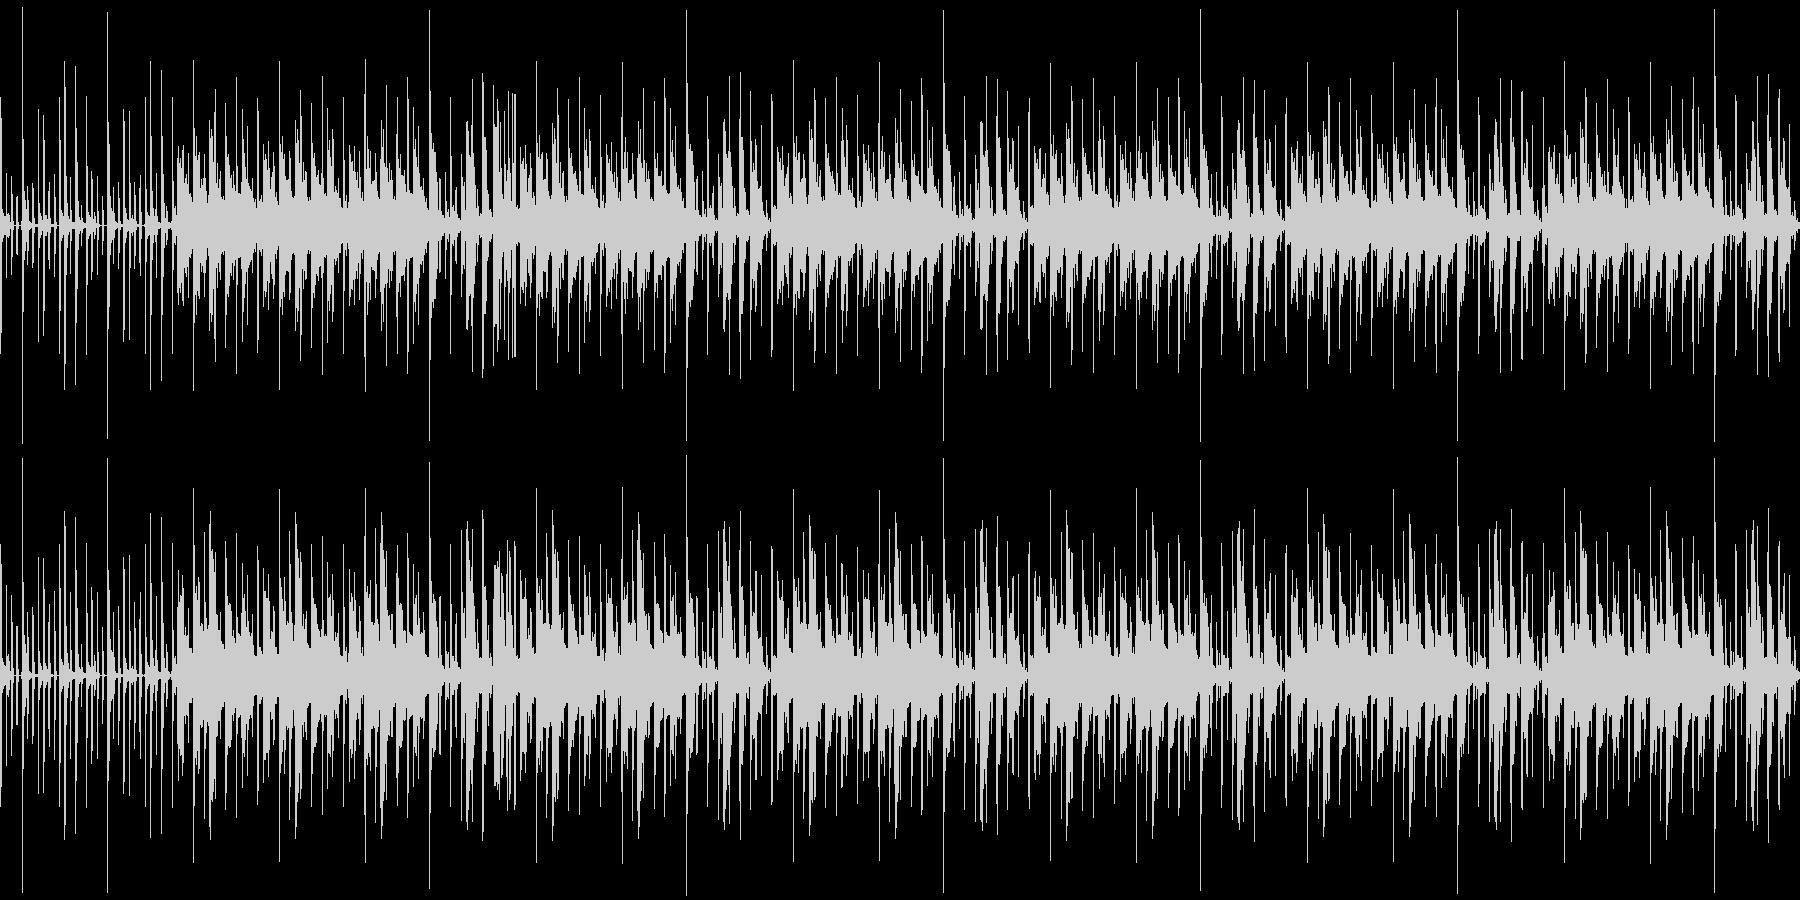 【ダブ・日常系ほのぼのBGM】の未再生の波形